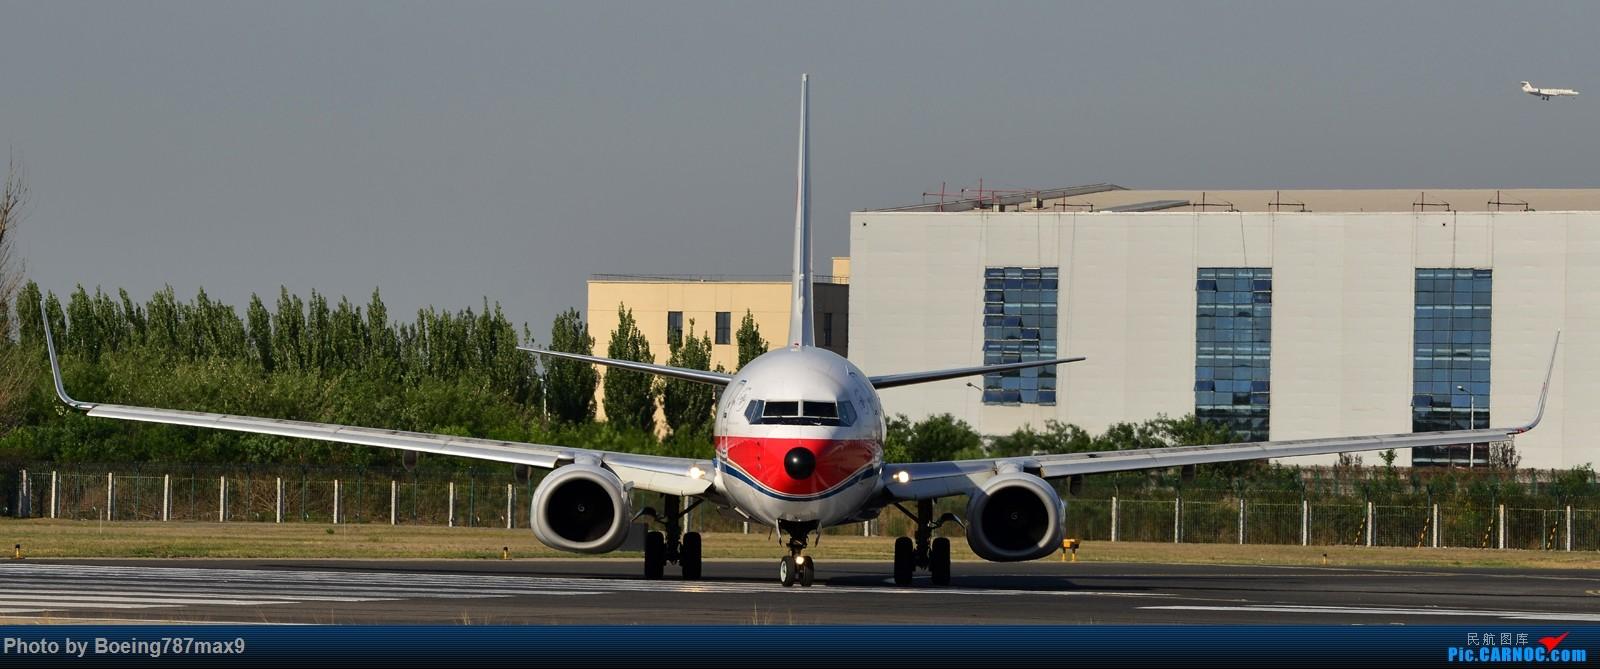 Re:[原创]【PEK】独一无二独特的拍摄角度,超有震撼力的机头『1600*高清大图』 BOEING 737-800 B-5493 中国北京首都国际机场